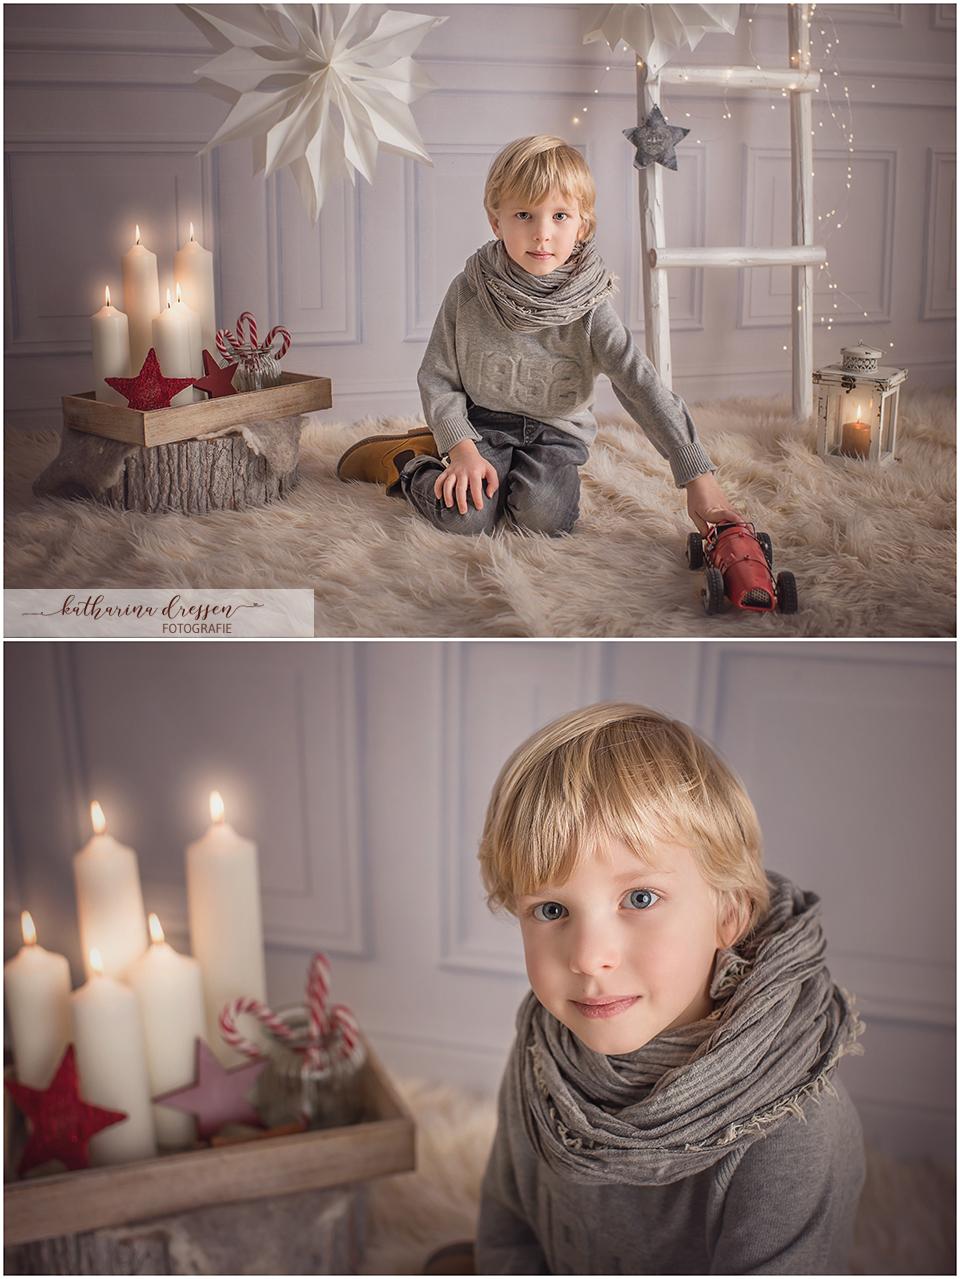 3_Kinderfotograf_Kinderfotoshooting_Familienbilder_Kinder-Fotoshooting_Fotograf_Duesseldorf_FotoShooting_Shooting_Kinderfotos